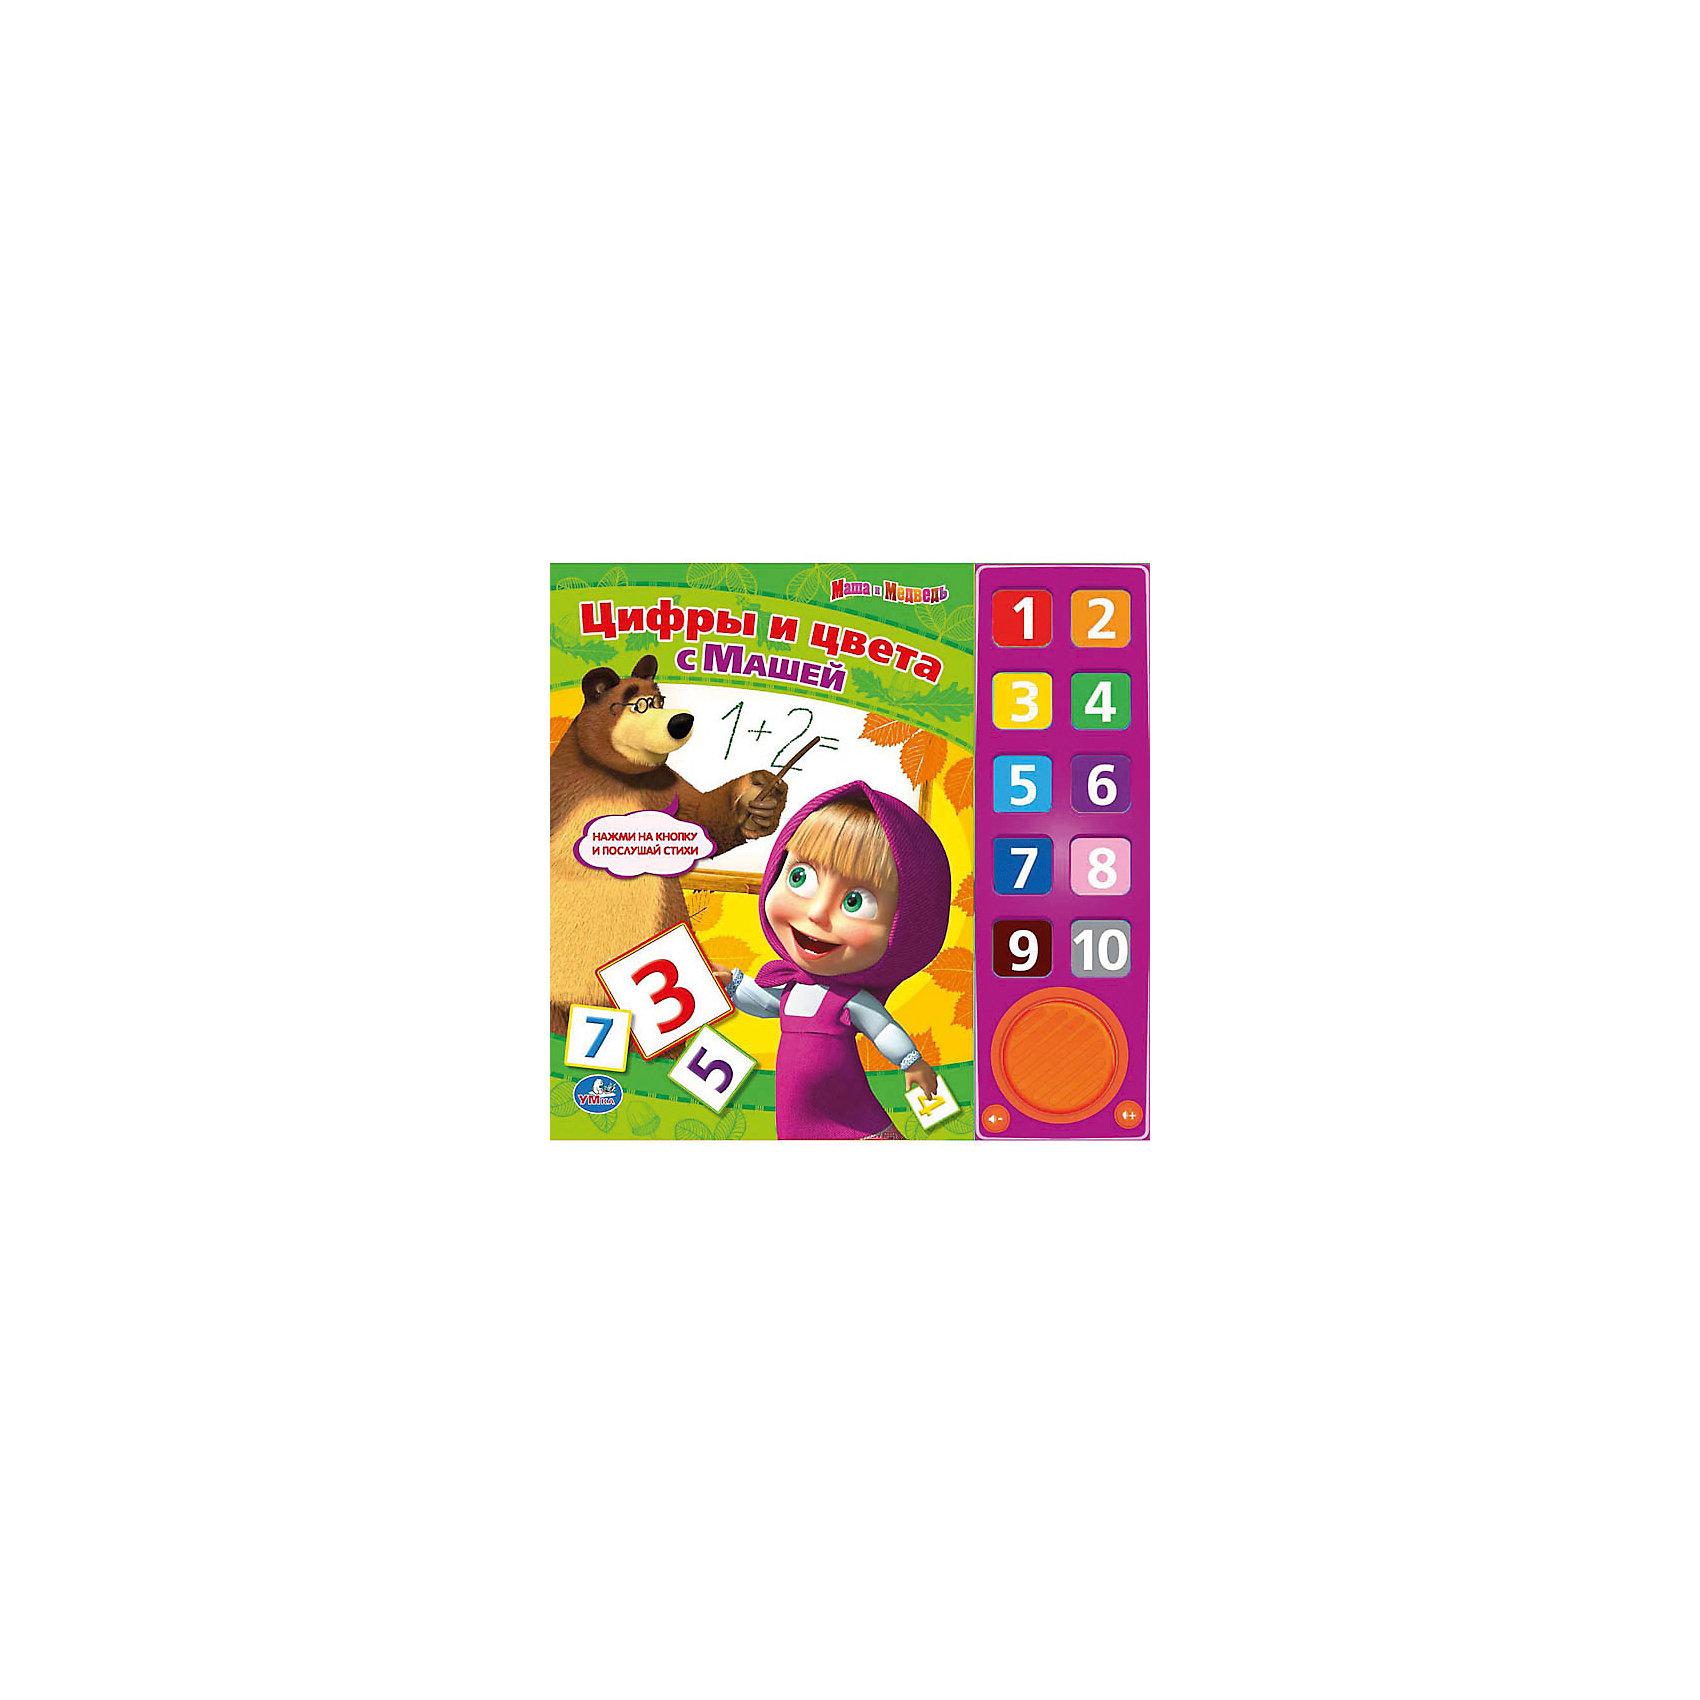 Книга с 10 кнопками Цифры и цвета с Машей, Маша и МедведьКнига с 10 кнопками Цифры и цвета с Машей, Маша и Медведь позволит Вашему ребенку освоить счет и выучить названия многих цветов. Сказочные персонажи на страницах книги помогают малышу не терять интерес к учебе и способствуют легкому усвоению материала. А благодаря веселым стишкам, которые малыш сможет послушать с помощью звукового модуля, учиться будет еще интереснее!<br><br>Характеристики:<br>-Серия: Маша и Медведь<br>-Яркие иллюстрации обязательно заинтересуют ребенка<br>-В книге предусмотрены 10 звуковых кнопок (звуковой модуль)<br>-6 развивающих функций: Учим цифры, Учим цвета, Учим формы, Развиваем память – учим стихи, Развиваем внимание, Развиваем моторику – пишем по прописям<br>-Интересные задания по возрасту ребенка<br><br>Дополнительная информация:<br>-Количество страниц: 10<br>-Размеры: 25х22х2 см <br>-Вес: 490 г<br>-Материалы: картон, пластик, бумага<br>-Иллюстрации: цветные<br>-Переплет: картон<br>-Работает от батареек (входят в комплект)<br><br>Книга с 10 кнопками Цифры и цвета с Машей, Маша и Медведь  можно купить в нашем магазине.<br><br>Ширина мм: 250<br>Глубина мм: 230<br>Высота мм: 20<br>Вес г: 480<br>Возраст от месяцев: 24<br>Возраст до месяцев: 60<br>Пол: Унисекс<br>Возраст: Детский<br>SKU: 4293371